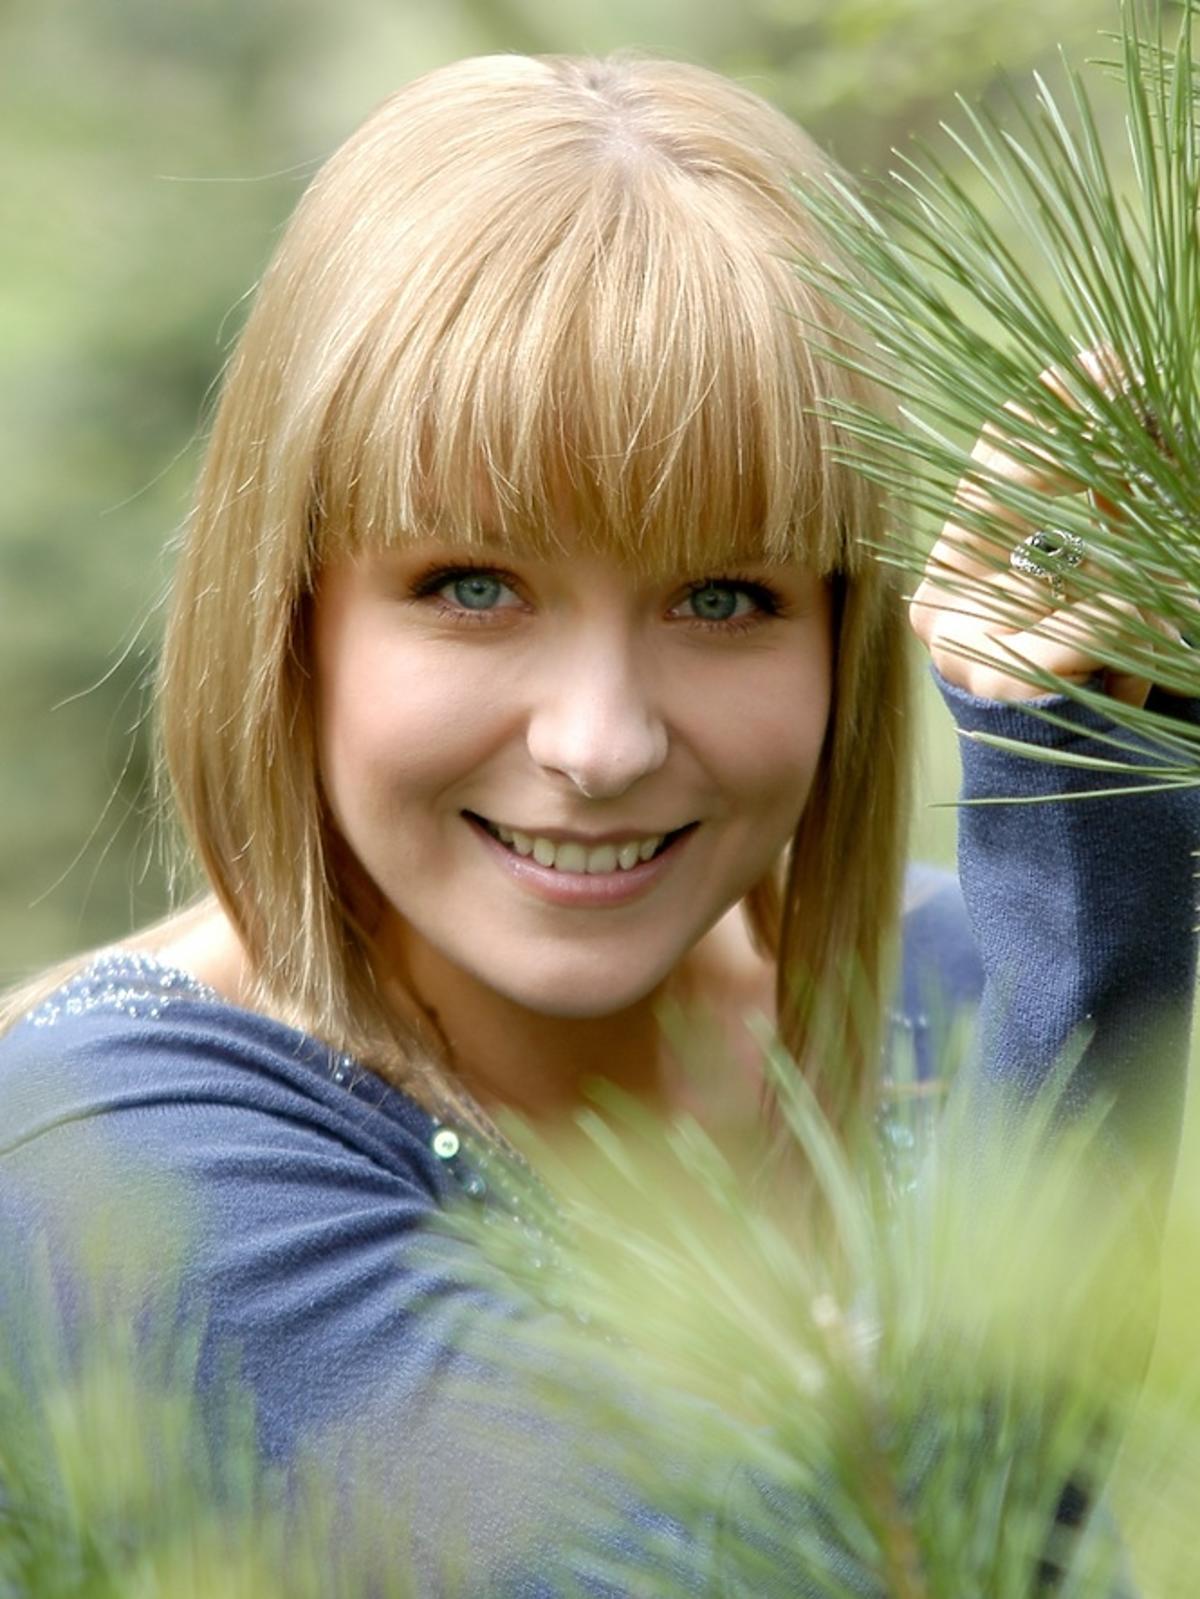 Aneta Zając w grzywce i niebieskim sweterku w serialu Pierwsza Miłość z 2006 roku